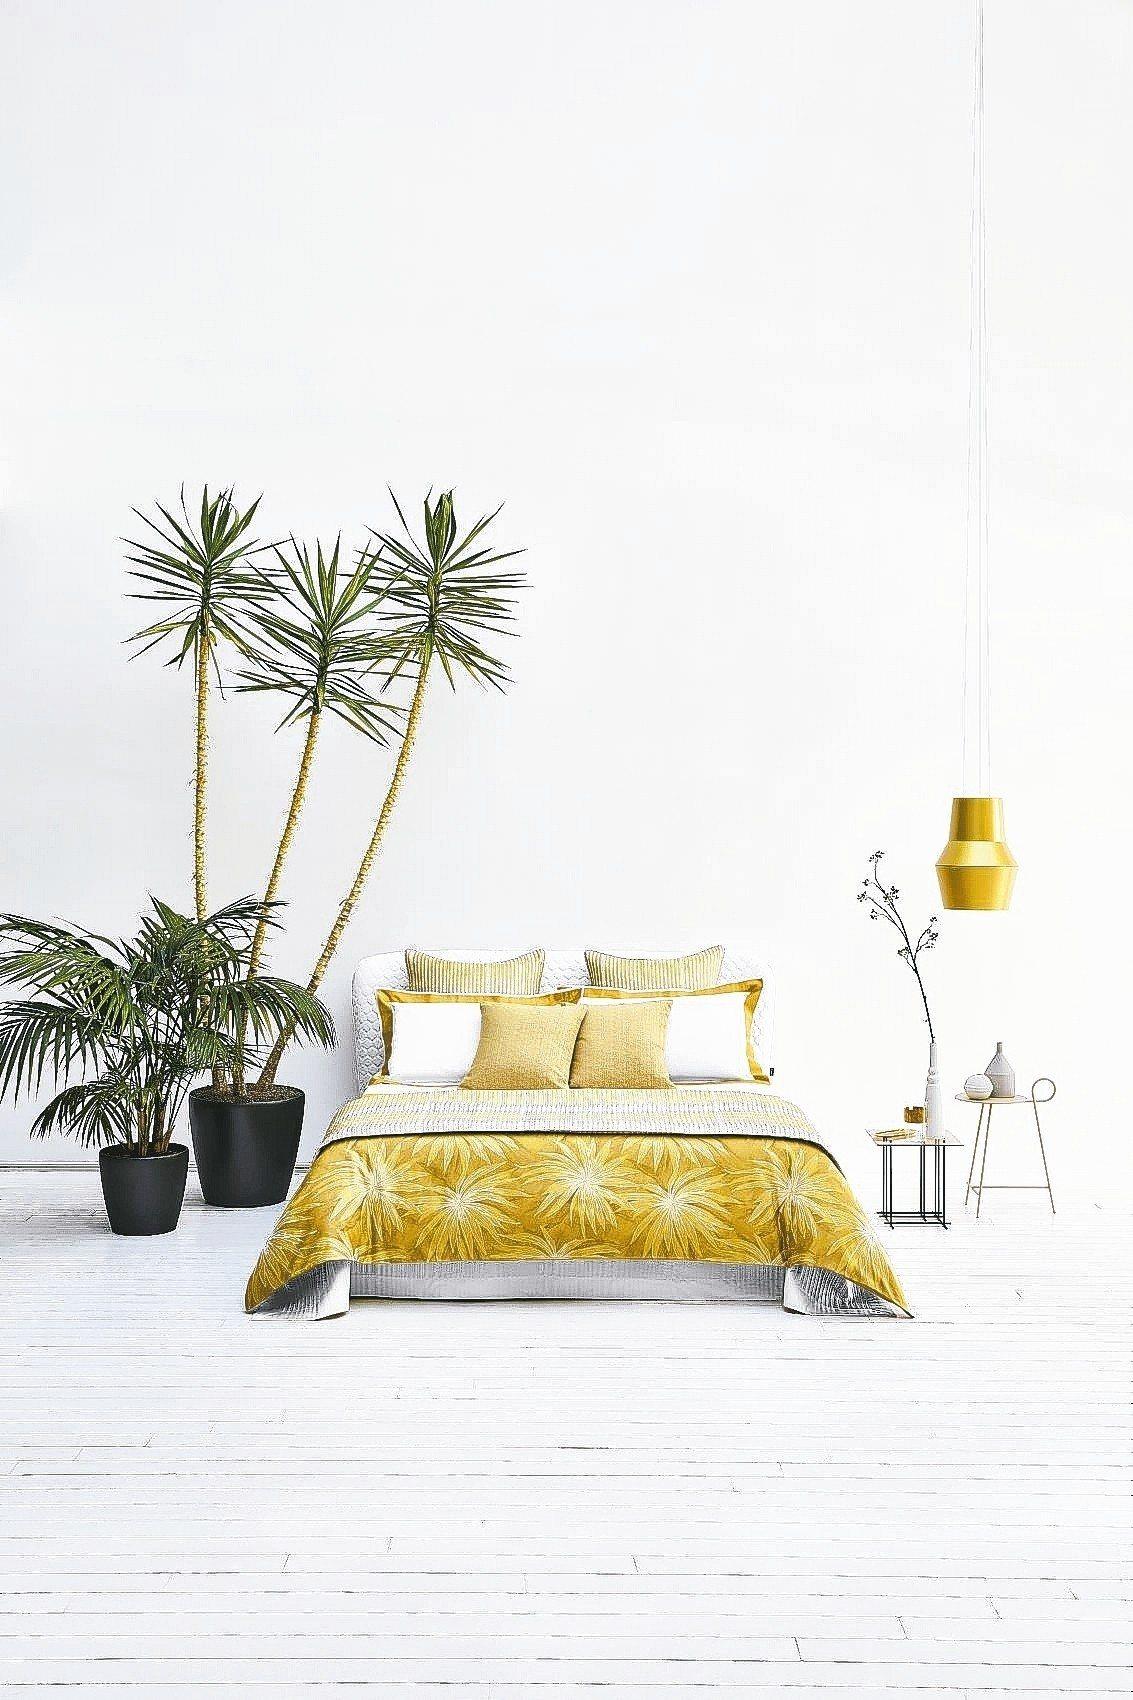 臥室是放鬆身心的最重要的場域,每天在外面辛苦奔波,回家後只想好好放鬆、睡一場好覺...